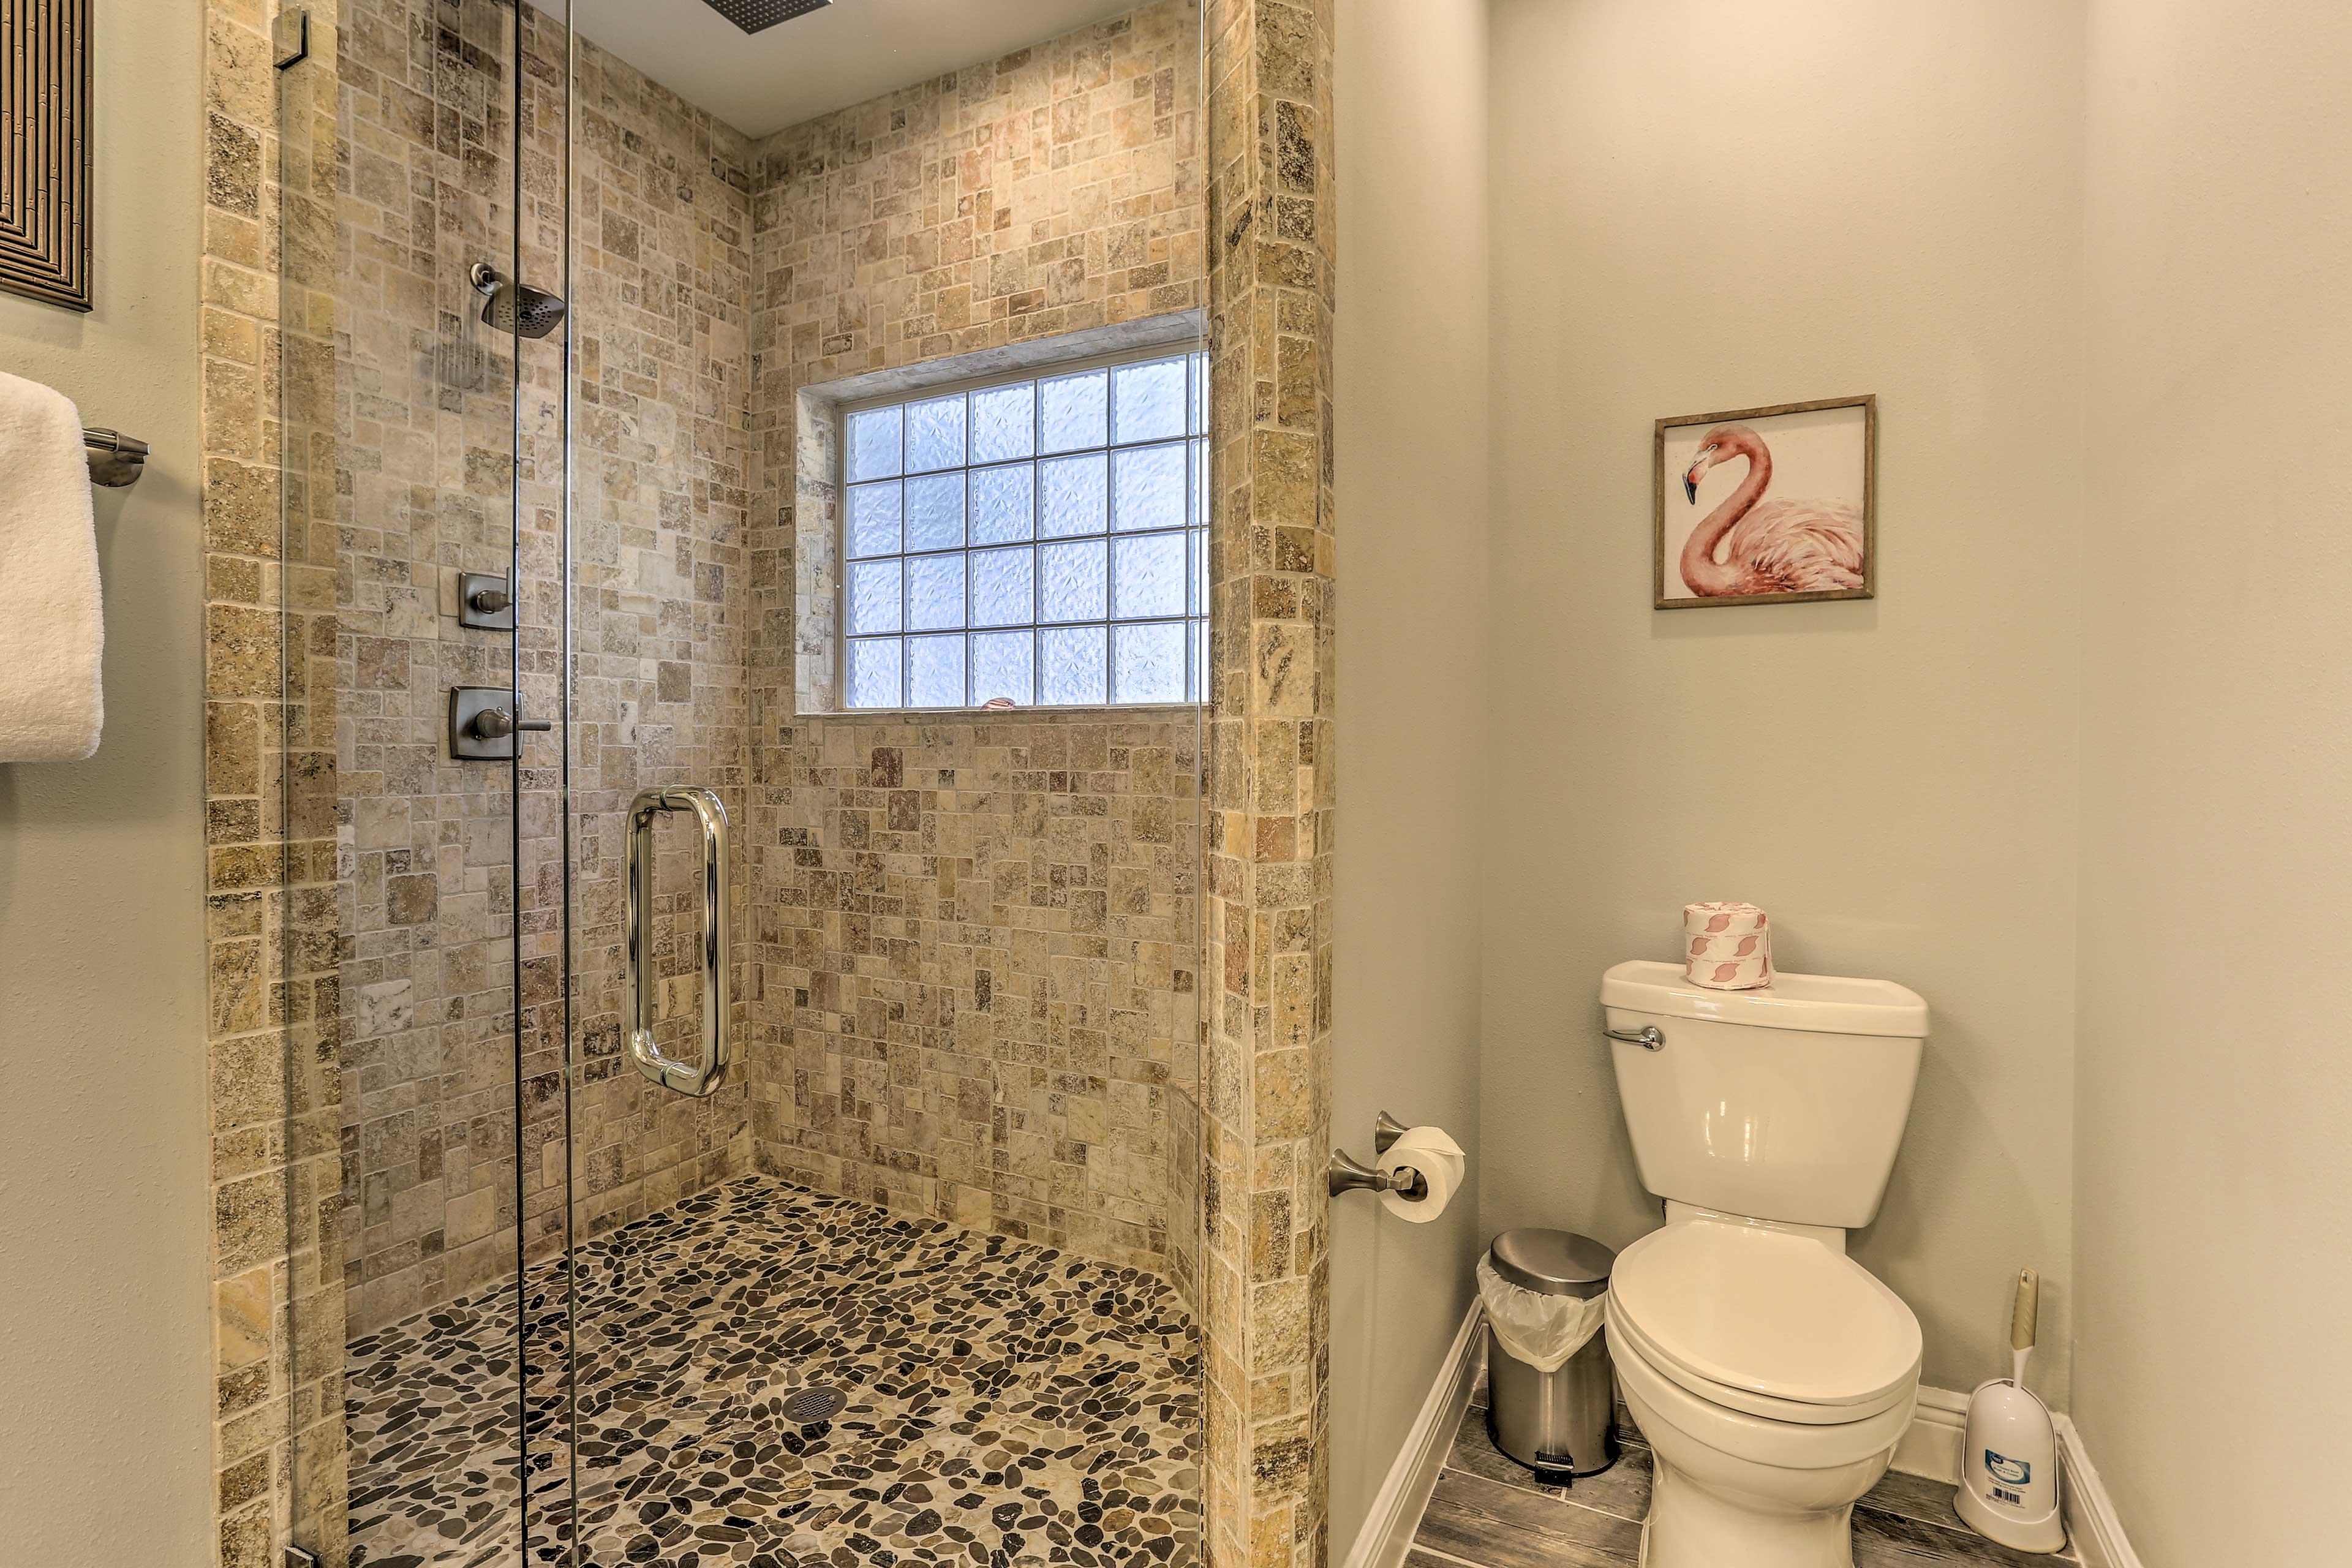 The upscale shower boasts a rain showerhead.